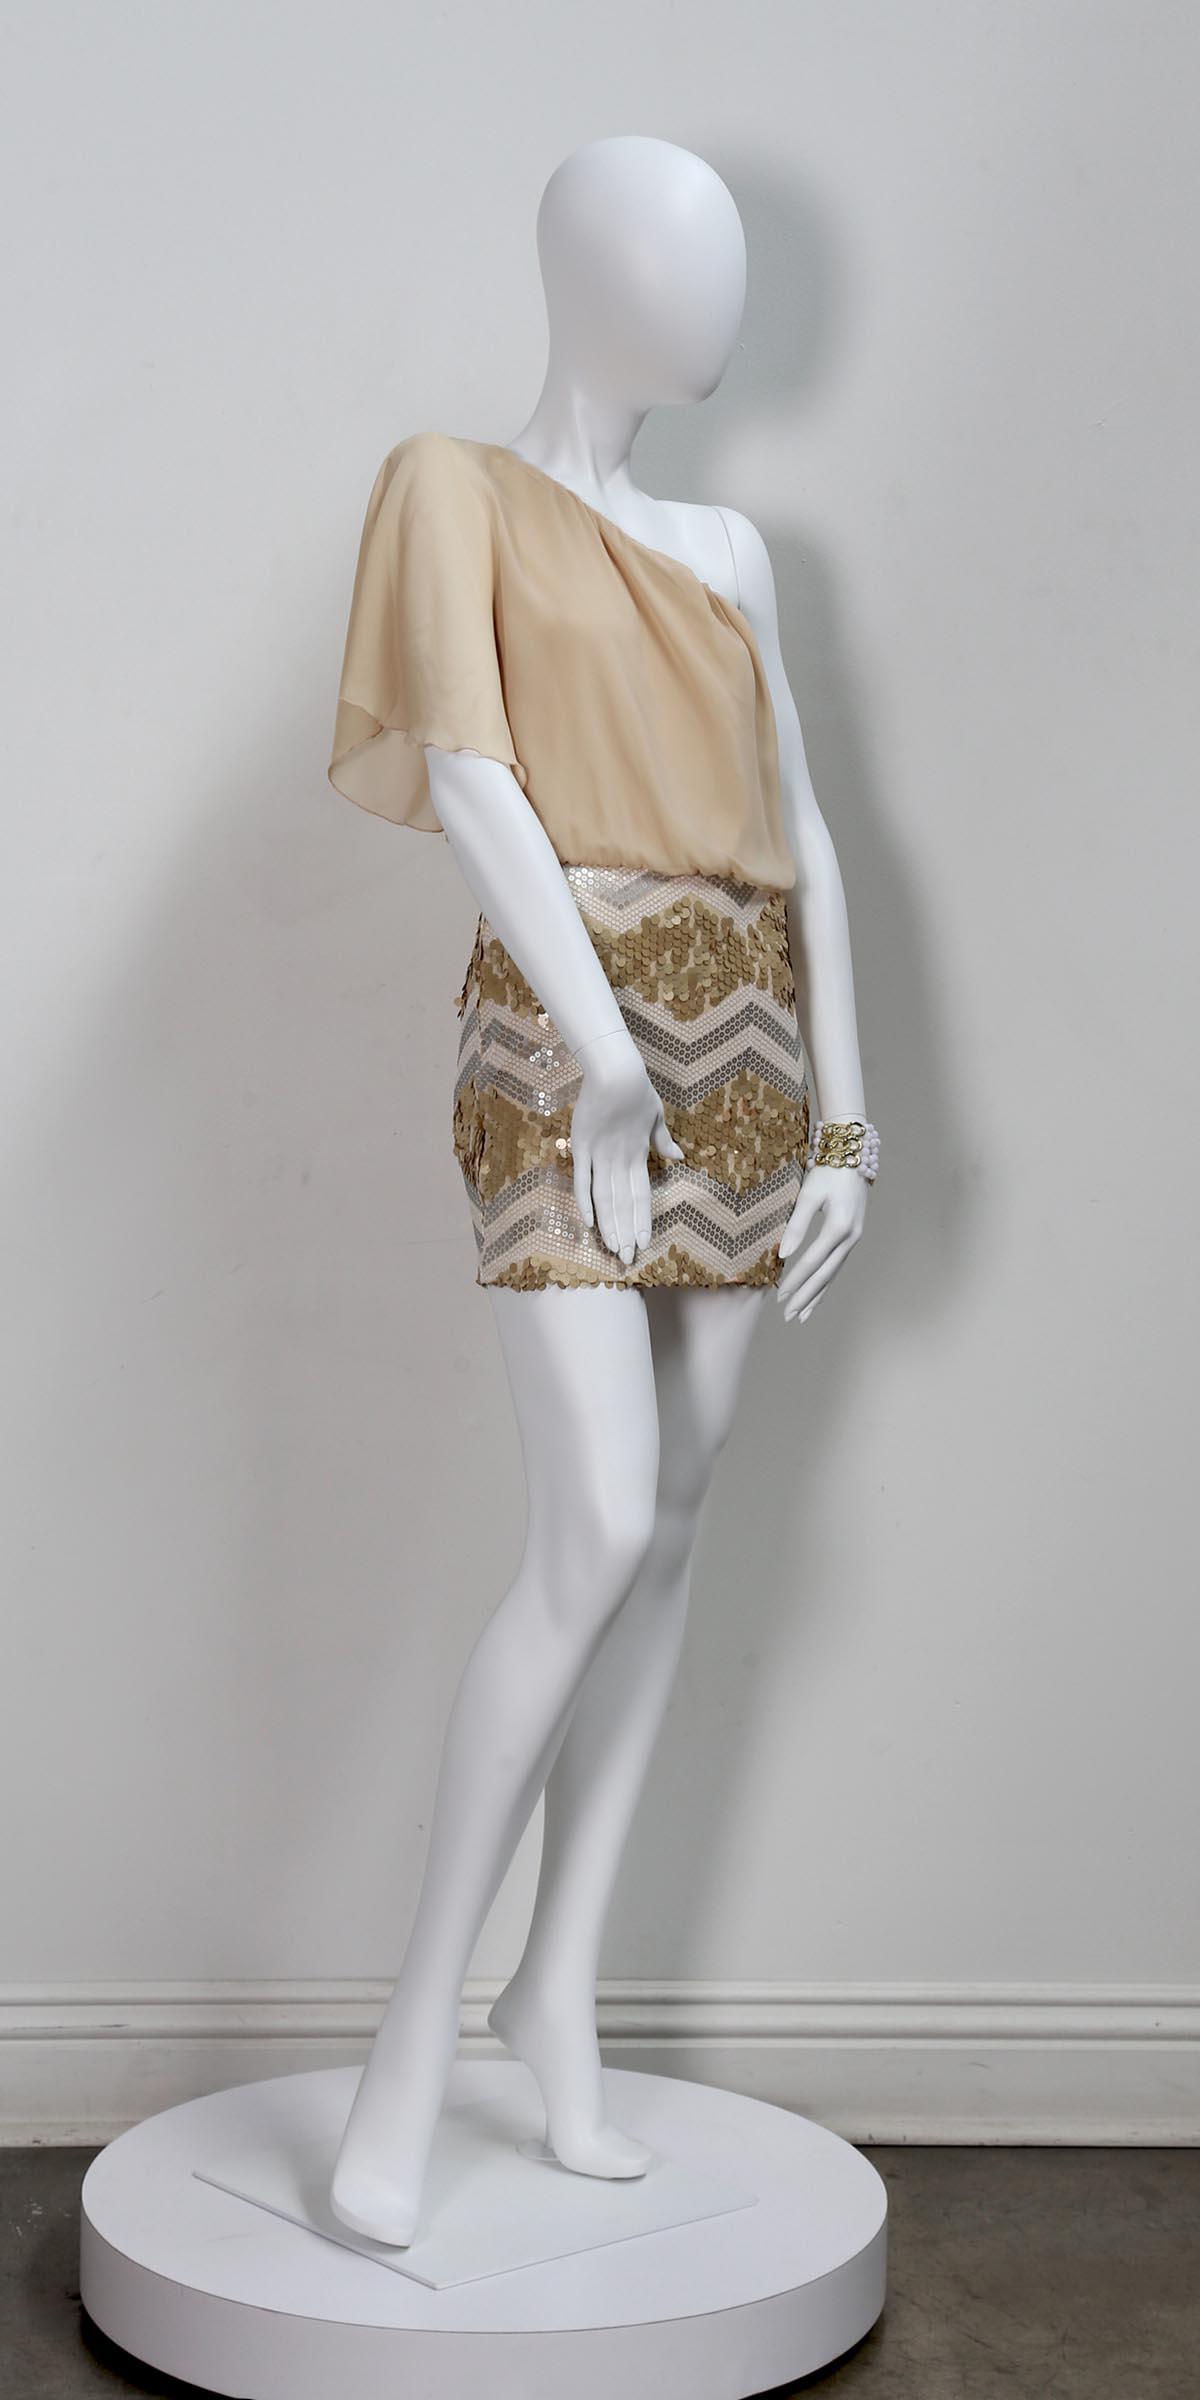 F101-1099-005 CX13D Dressed